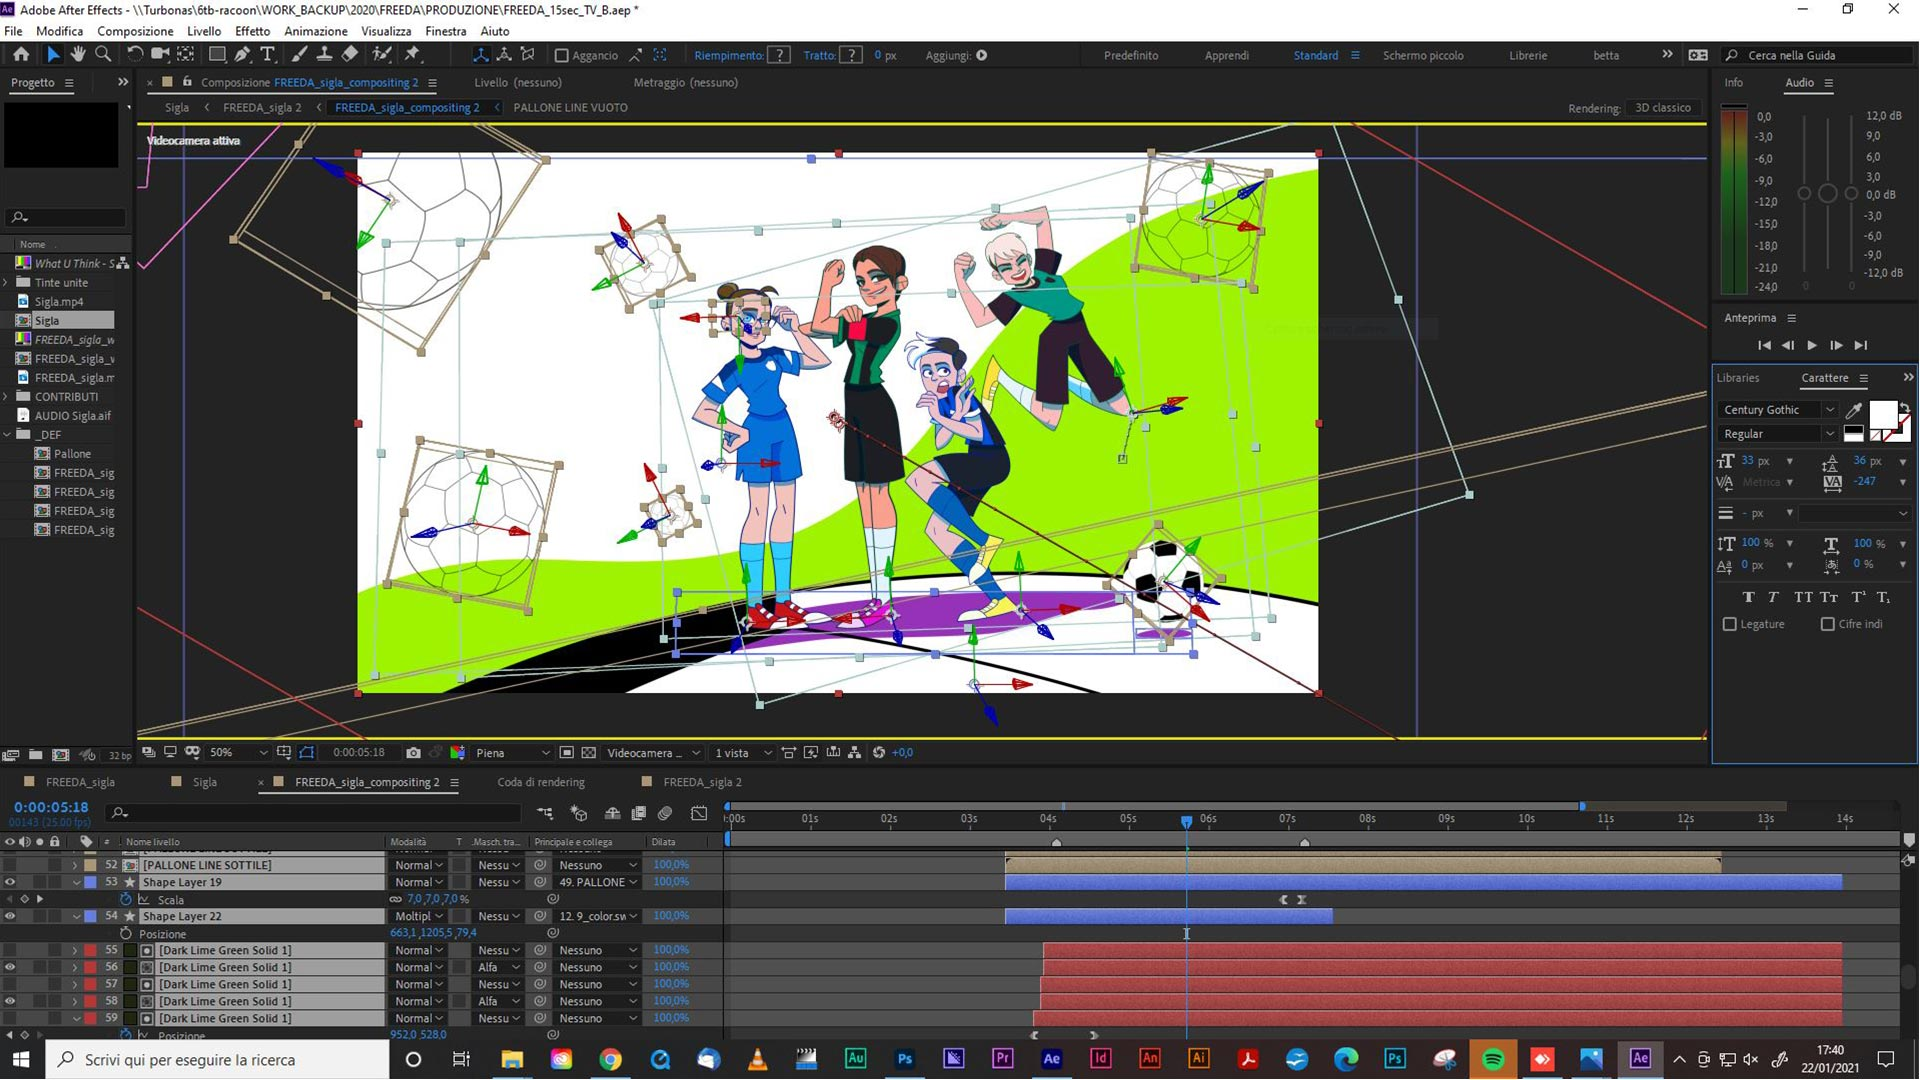 Uniche_animation_character_racoonstudio_motion_freeda_8